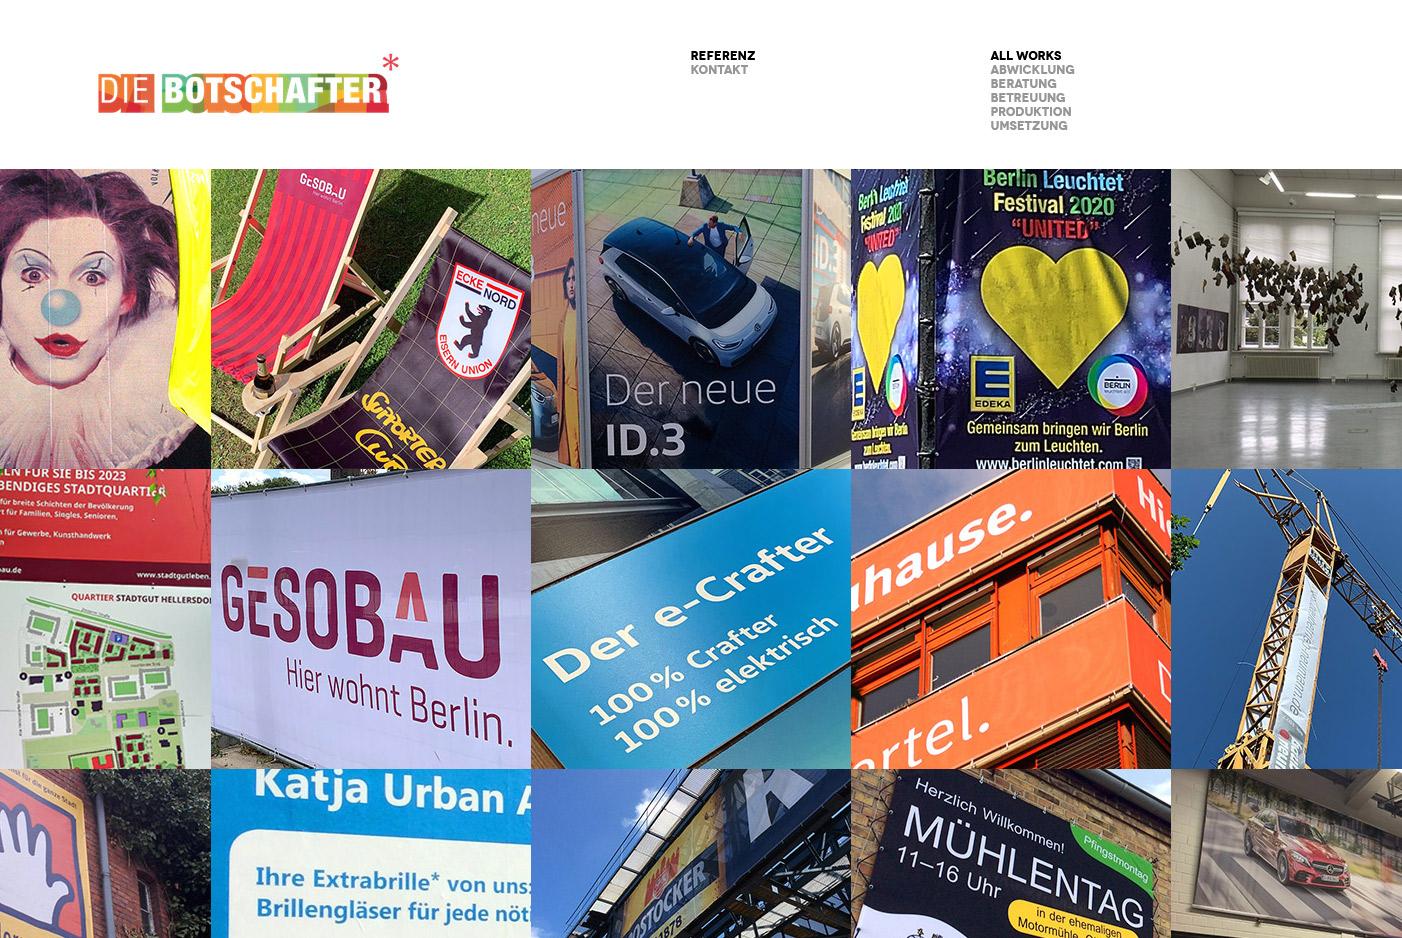 Icon-Die-Botschafter-Website-Wordpress-Design-Wartung-Update-Layout-UX-UI-Christian-Bennat-2021